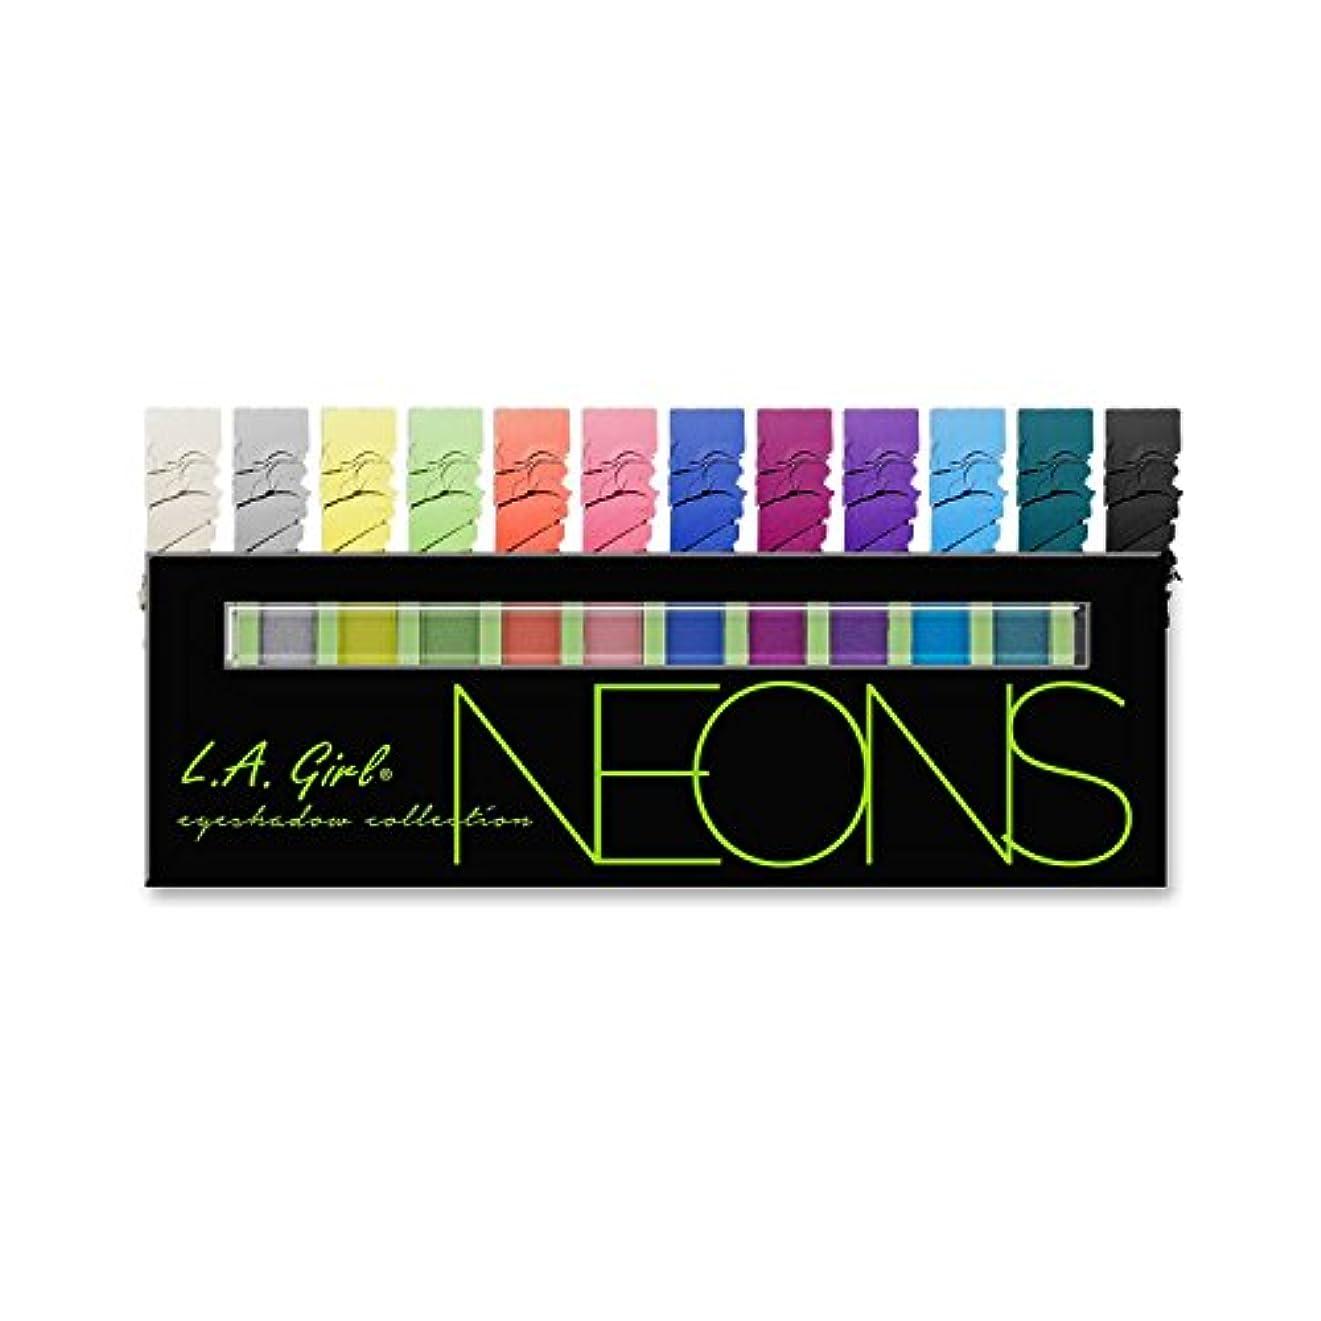 刻むリフト傑作LA GIRL Beauty Brick Eyeshadow Collection - Neons (並行輸入品)